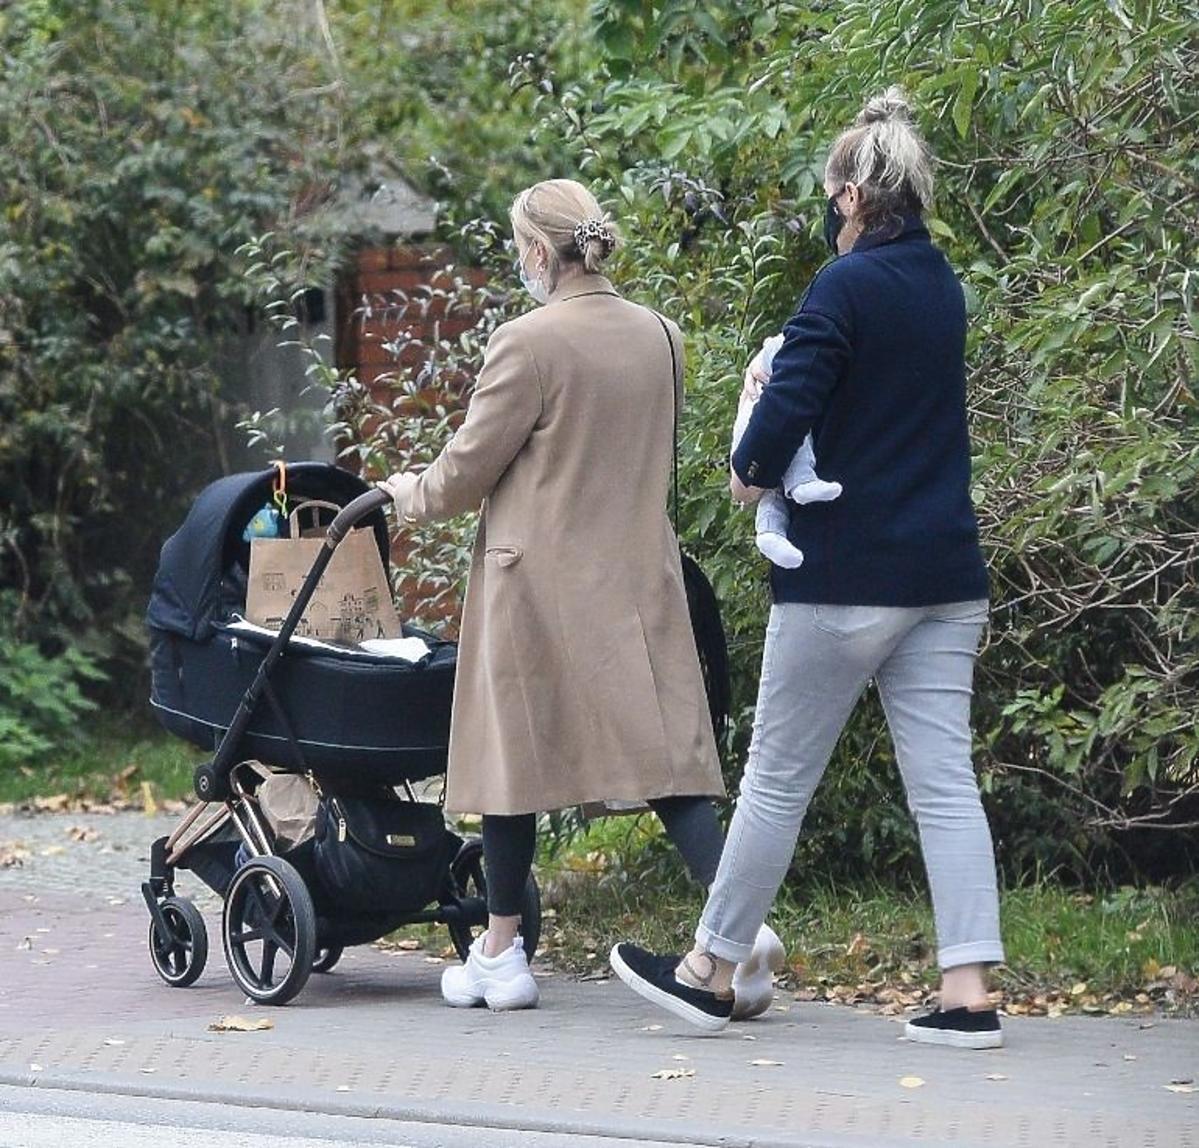 Maffashion pokazała wózek dla synka